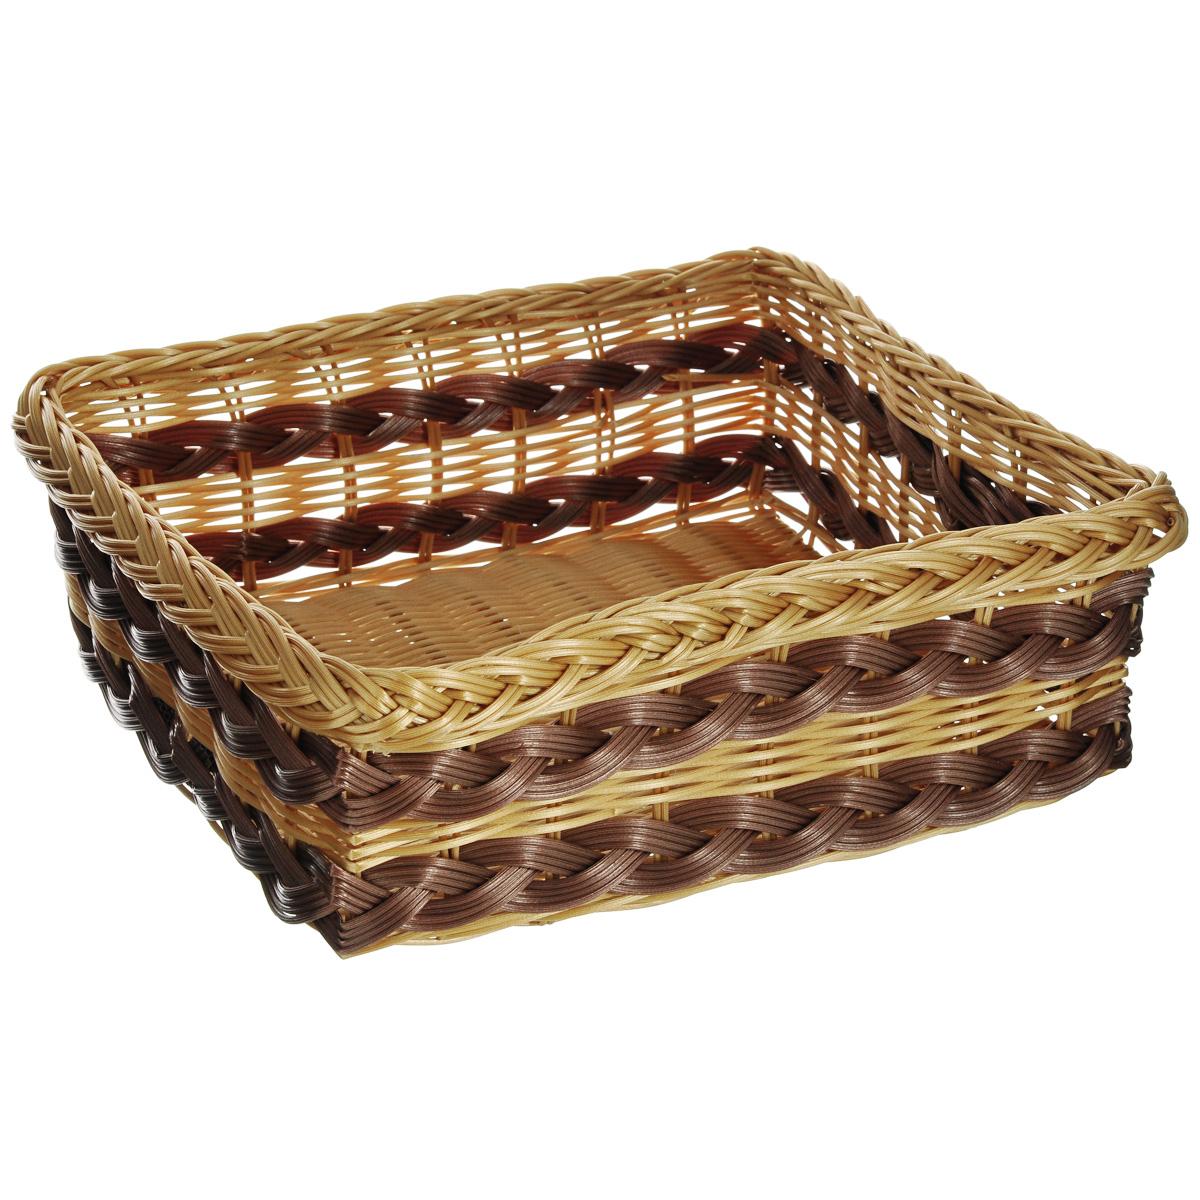 Корзинка для фруктов Kesper, 34 х 29 х 12 см 1781-41781-4Оригинальная плетеная корзинка Kesper прямоугольной формы, выполнена из пластика, напоминающего фактуру дерева. Корзинка прекрасно подойдет для вашей кухни. Она предназначена для красивой сервировки фруктов. Изящный дизайн придется по вкусу и ценителям классики, и тем, кто предпочитает утонченность и изысканность. Можно мыть в посудомоечной машине. Размер корзинки: 34 см х 29 см х 12 см.